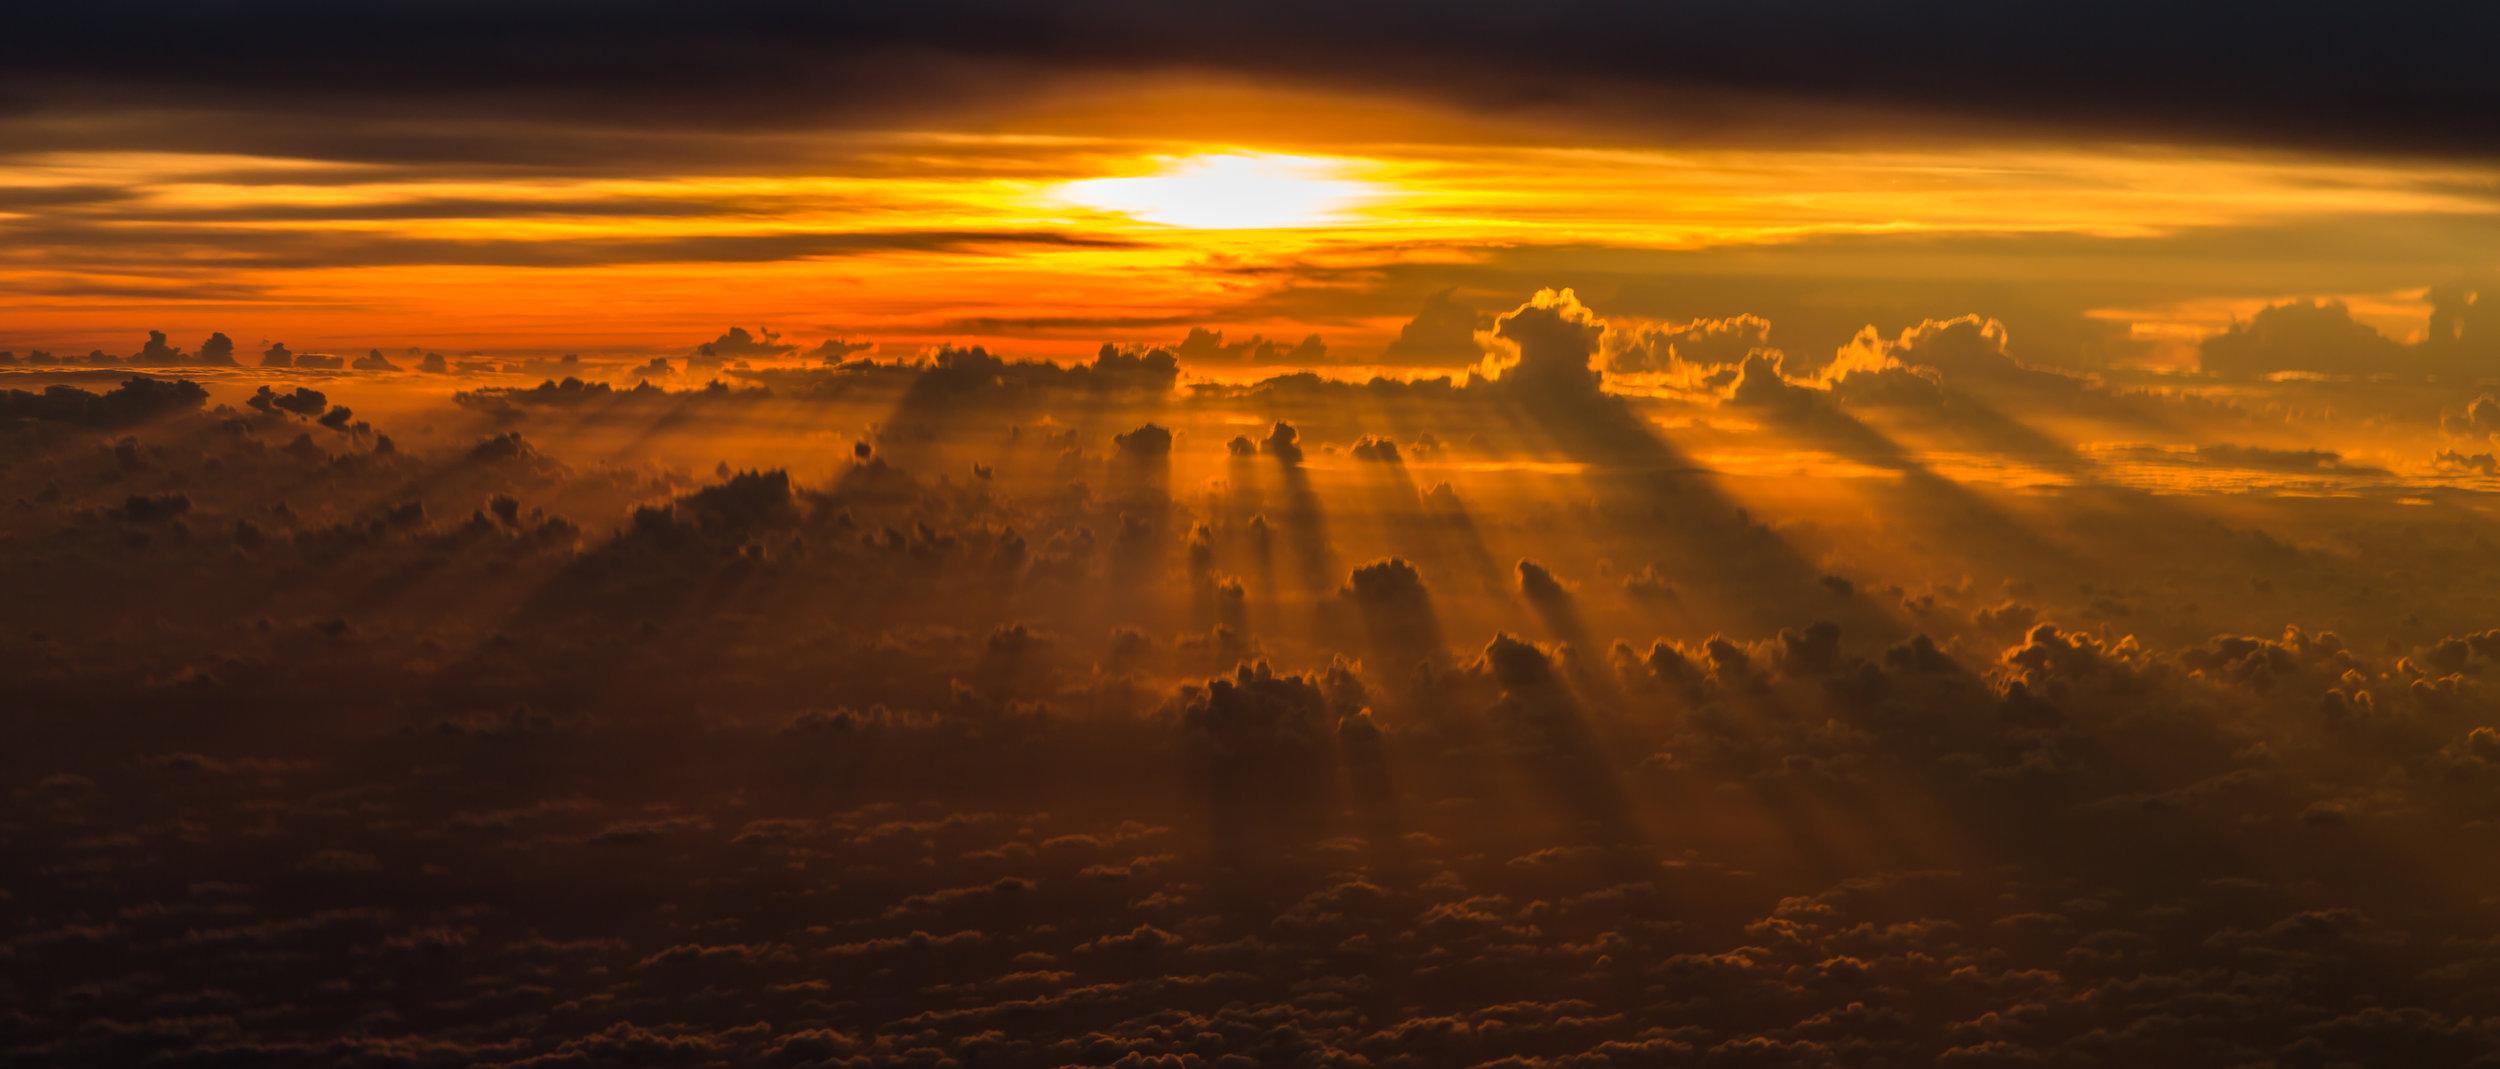 Shadows in the sky.jpg